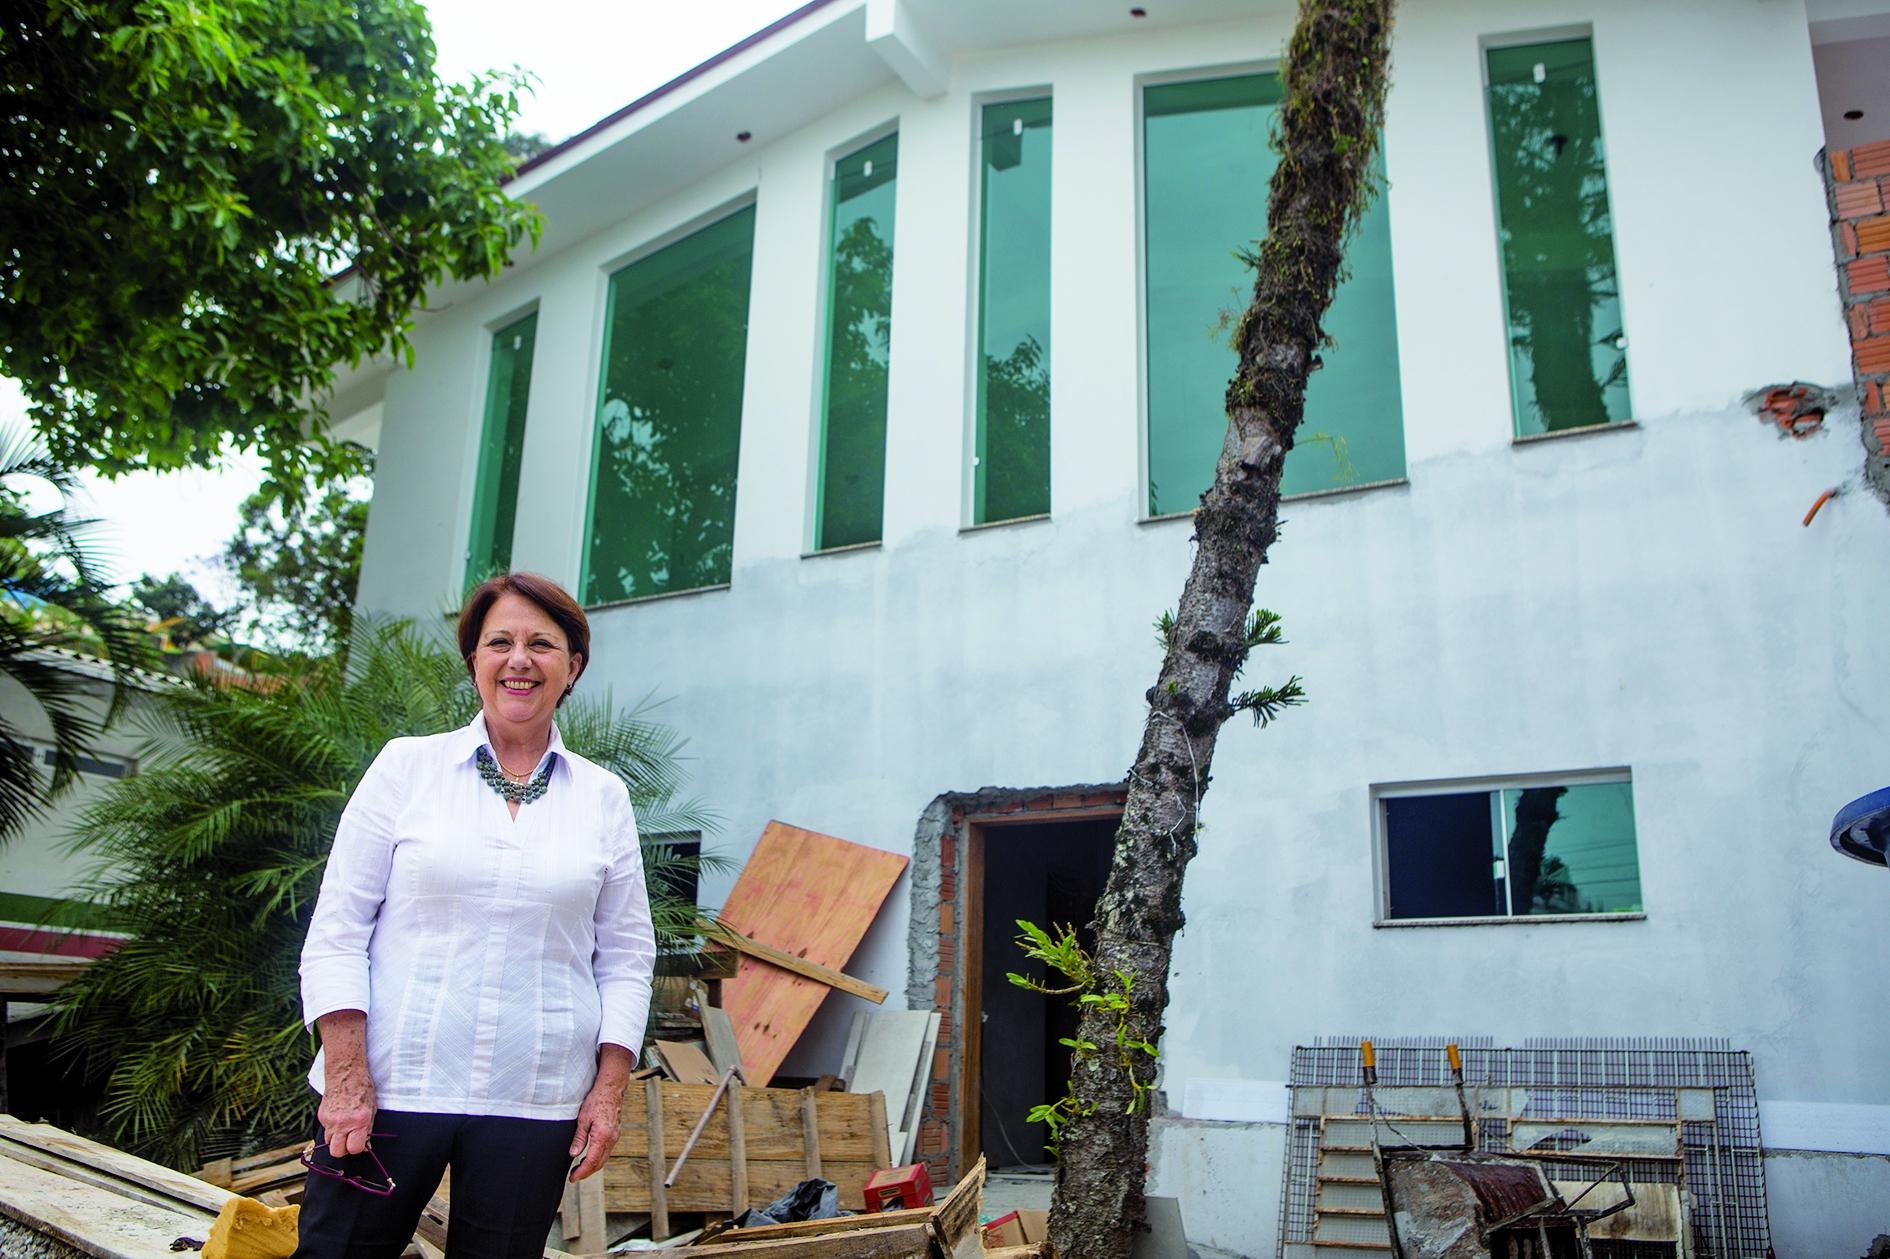 Leila Pivatto preside a Associação de Proteção e Assistência ao Condenado - Flávio Tin/ND